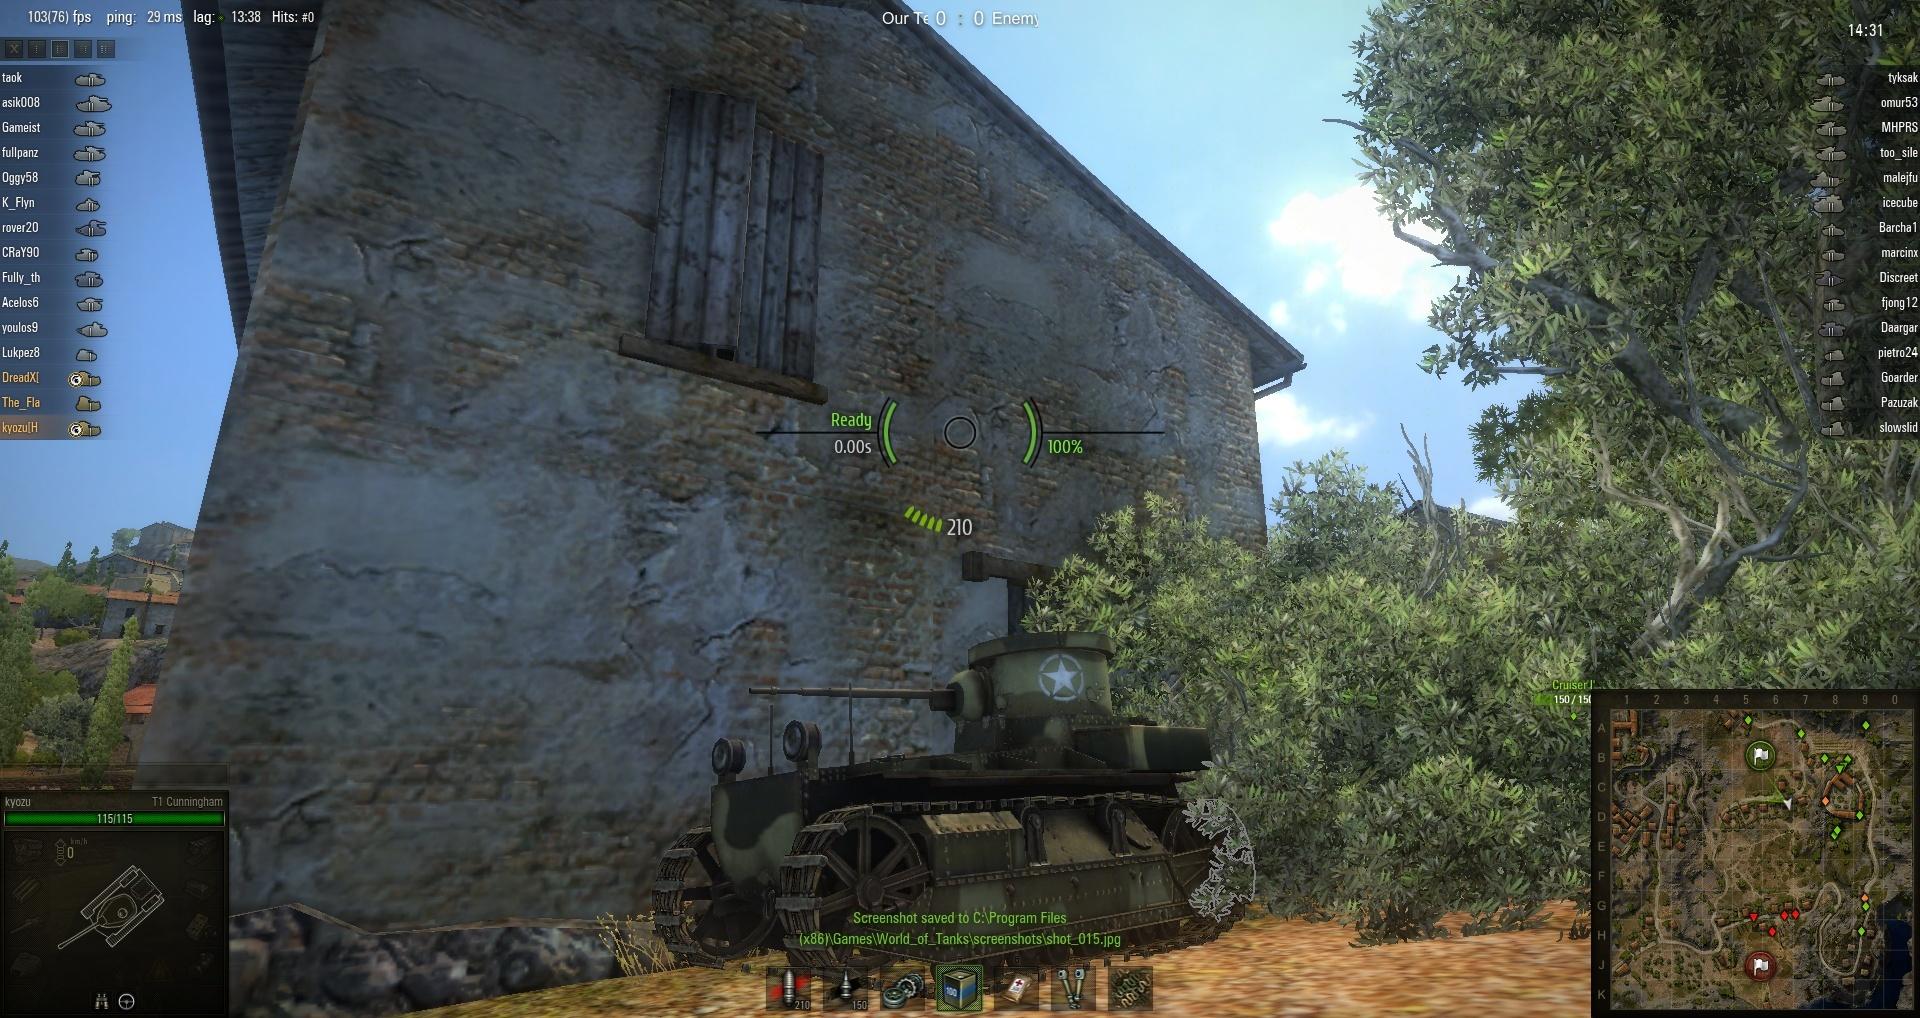 wereld van tanks Scout matchmaking